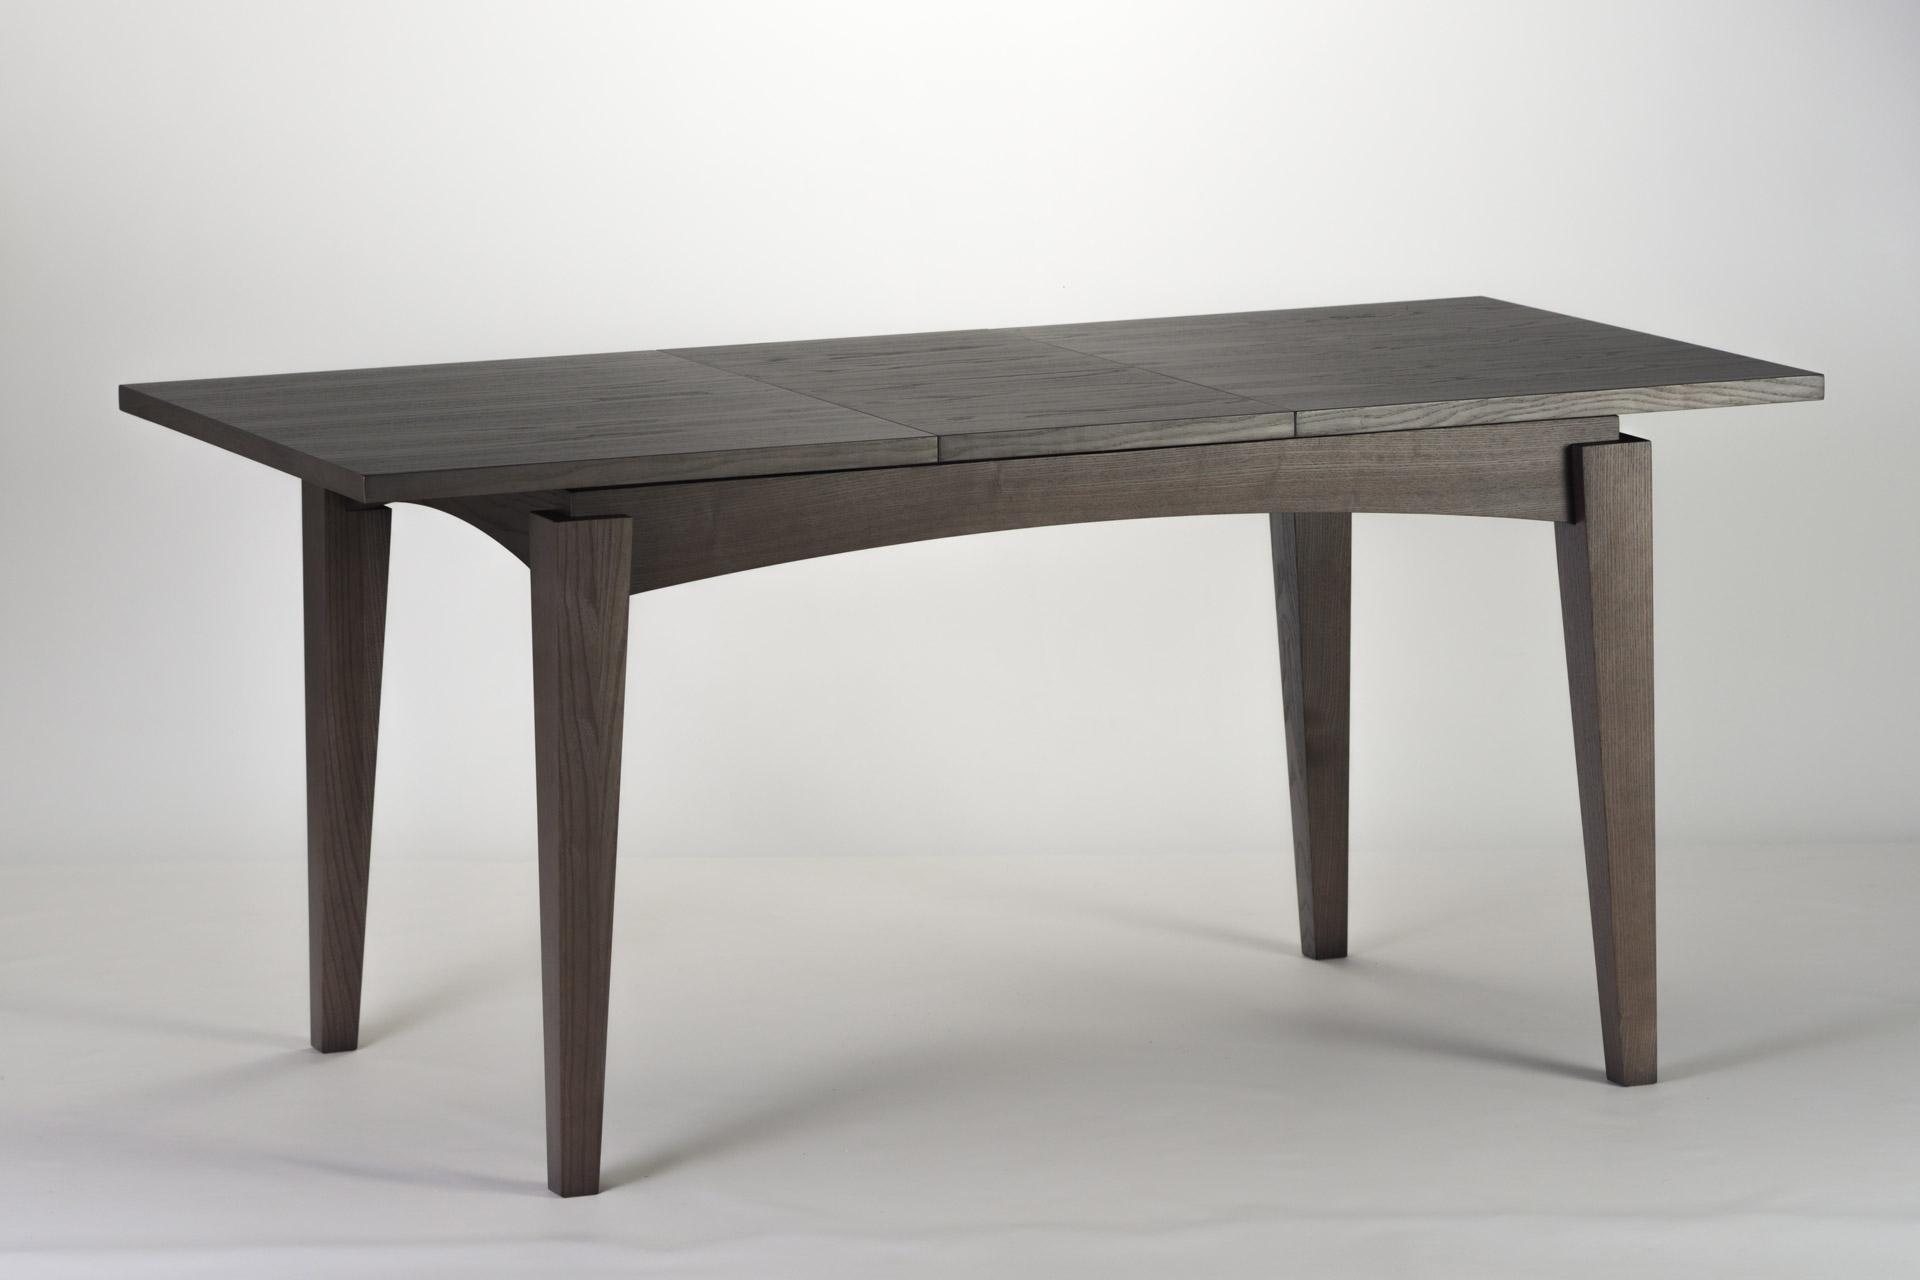 Деревянный кухонный стол Бруклин, с прямоугольной столешницей, квадратными ножками черного цвета, разложенный